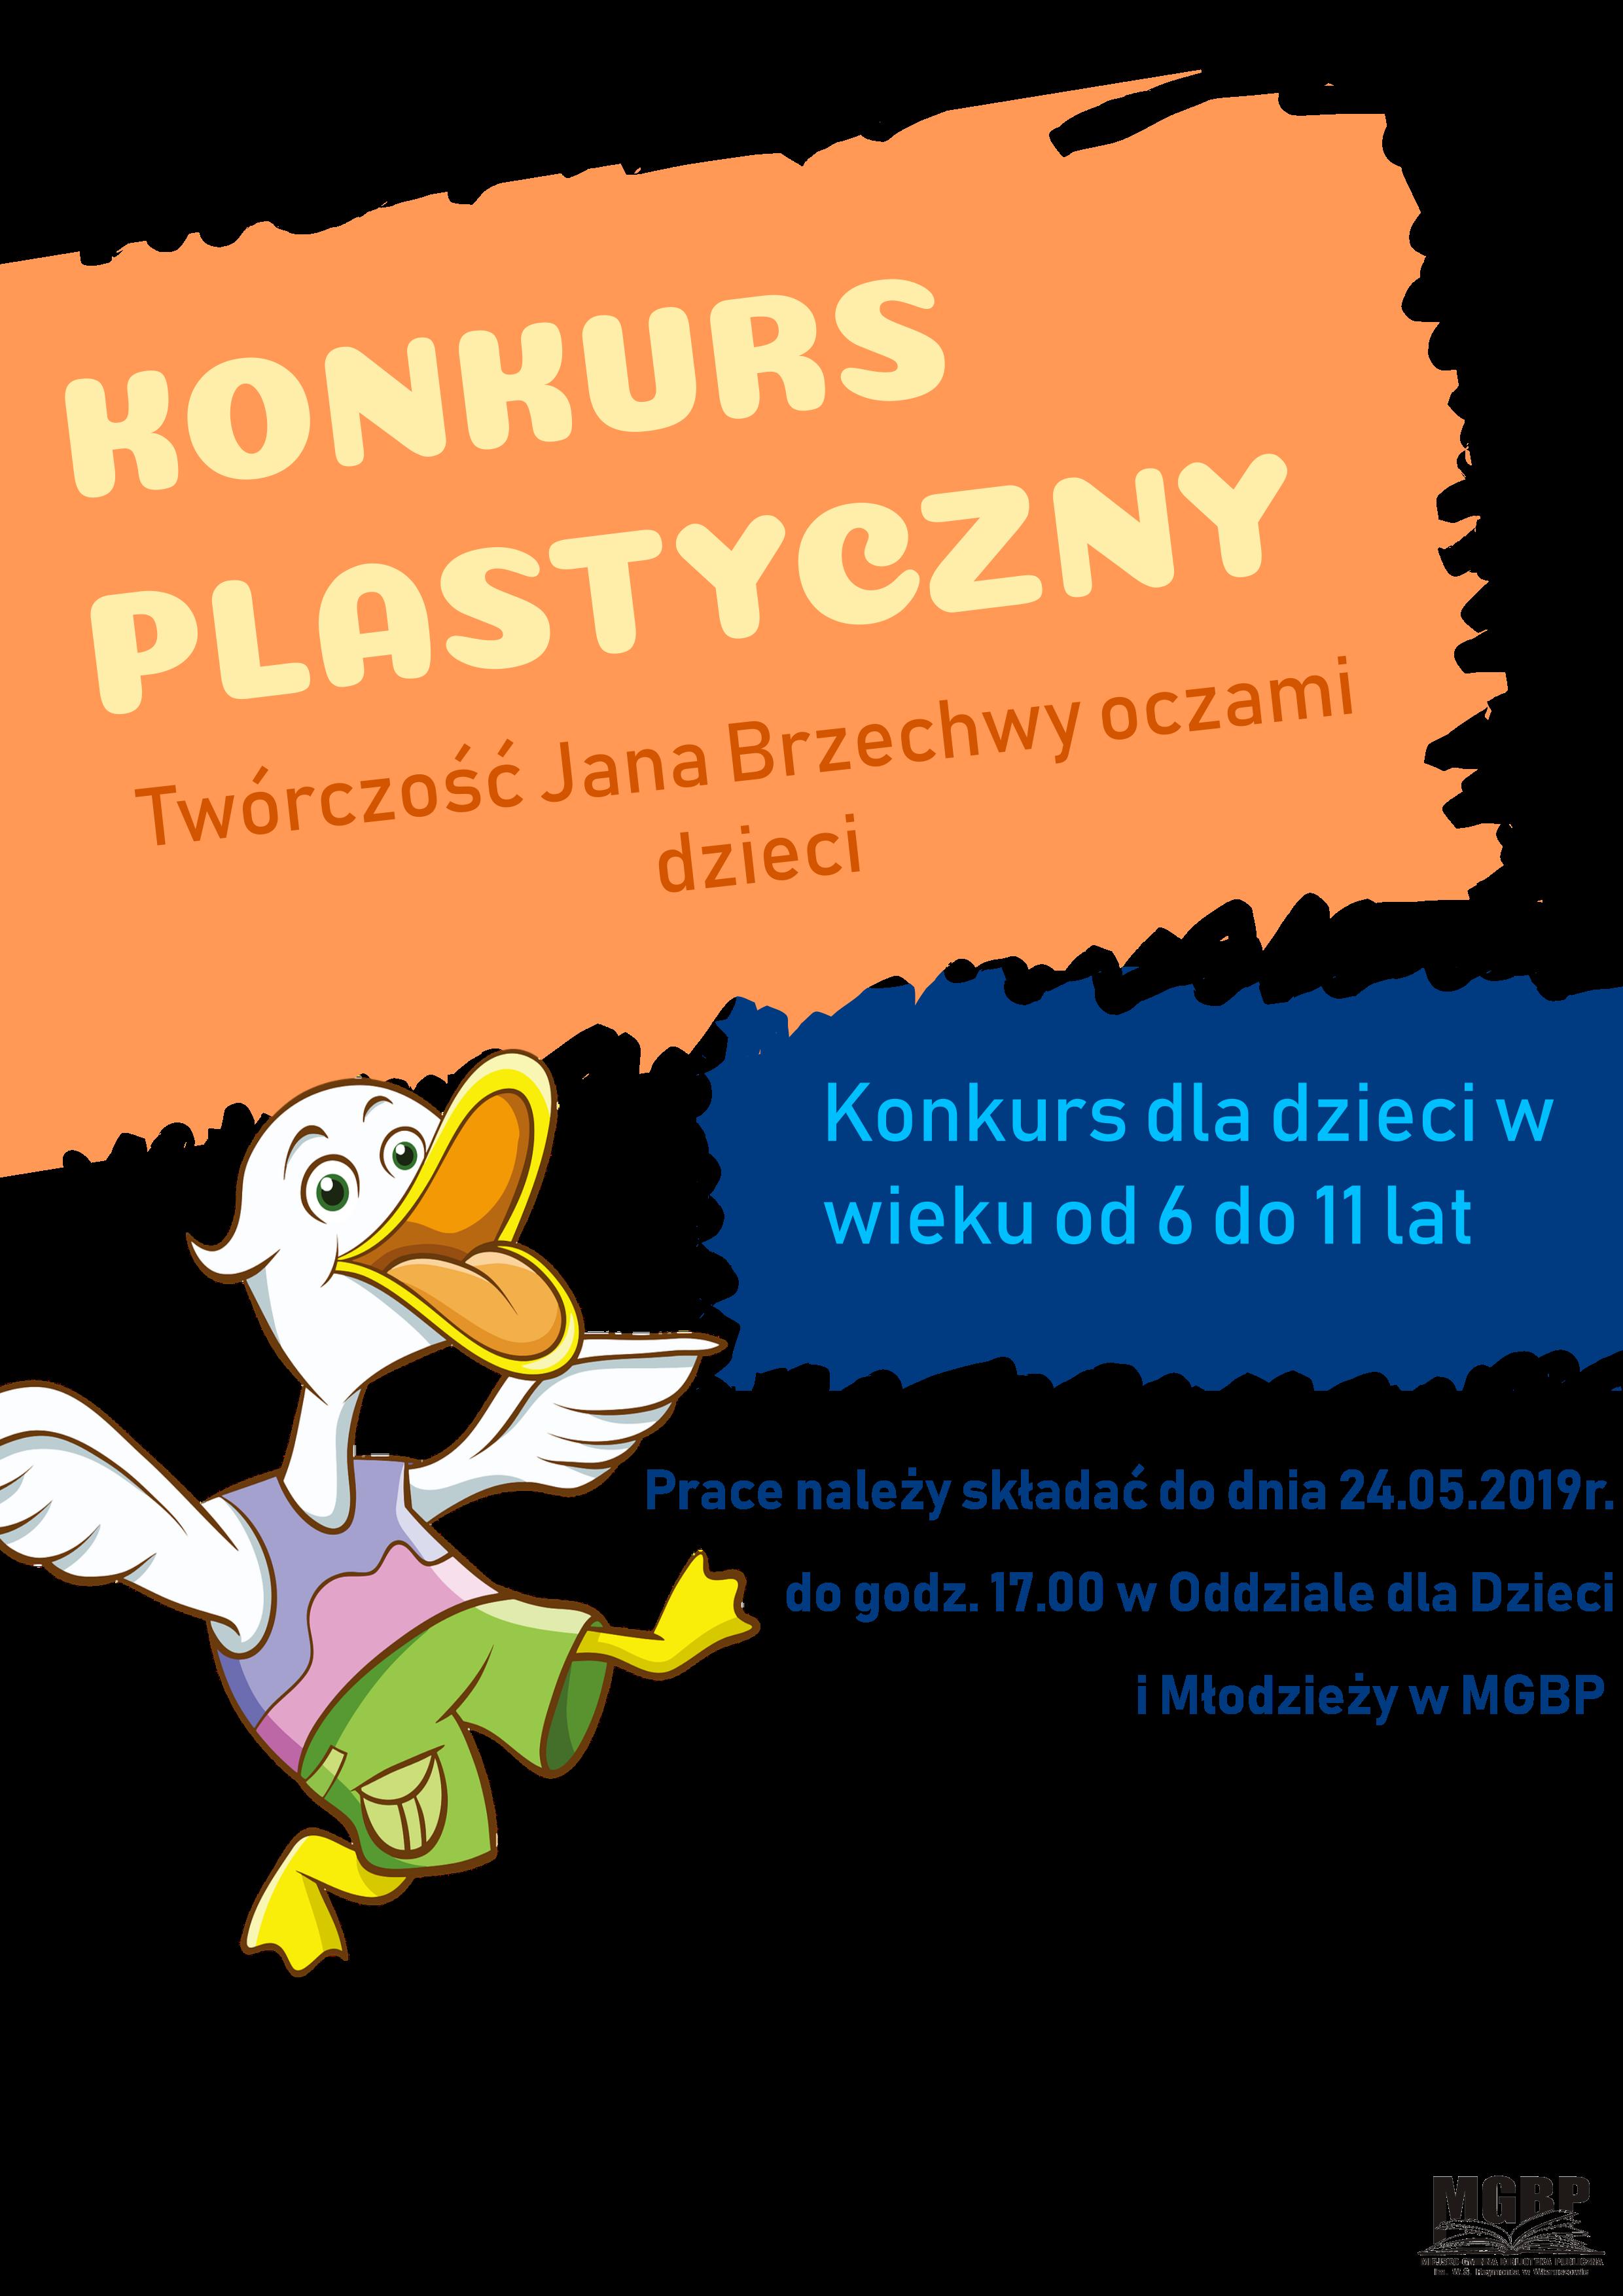 """Konkurs plastyczny """"Twórczość Jana Brzechwy oczami dzieci"""""""